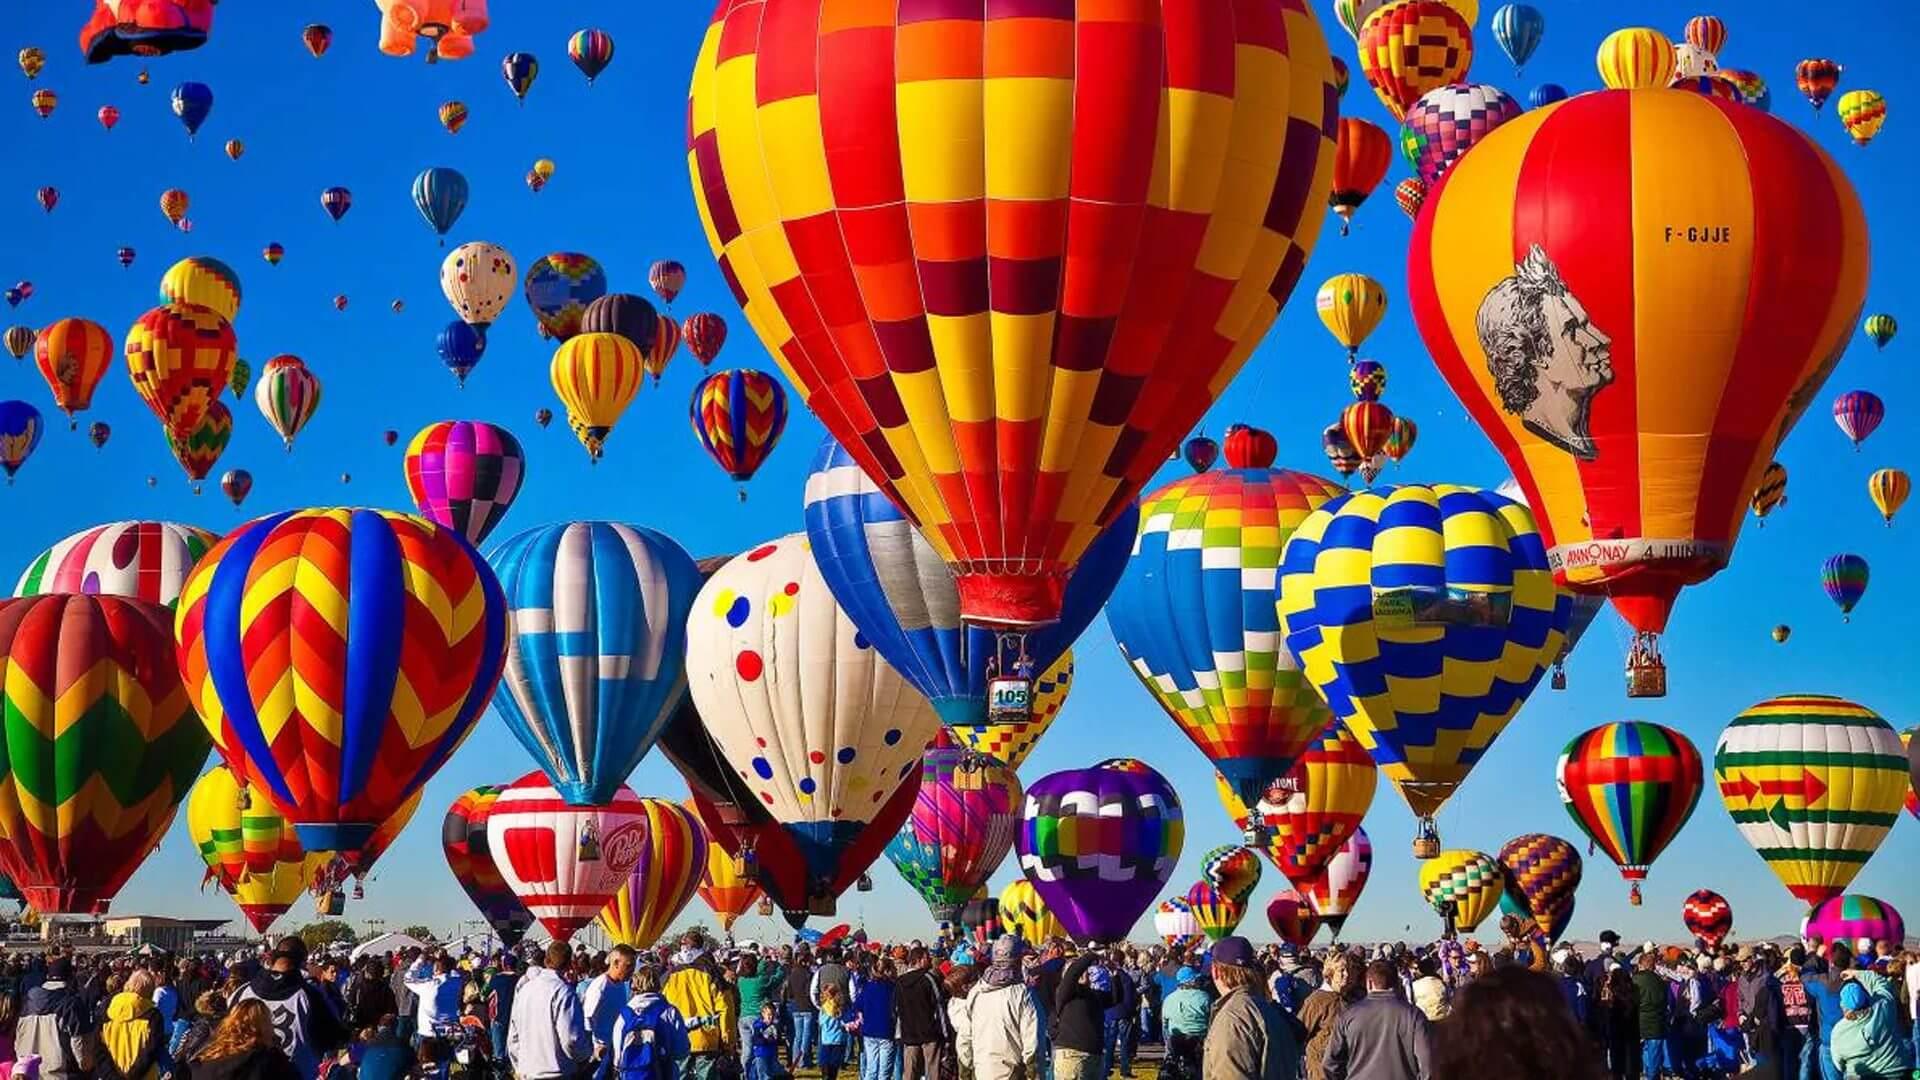 Cientos de globos despegan en el festival internacional del globo en León